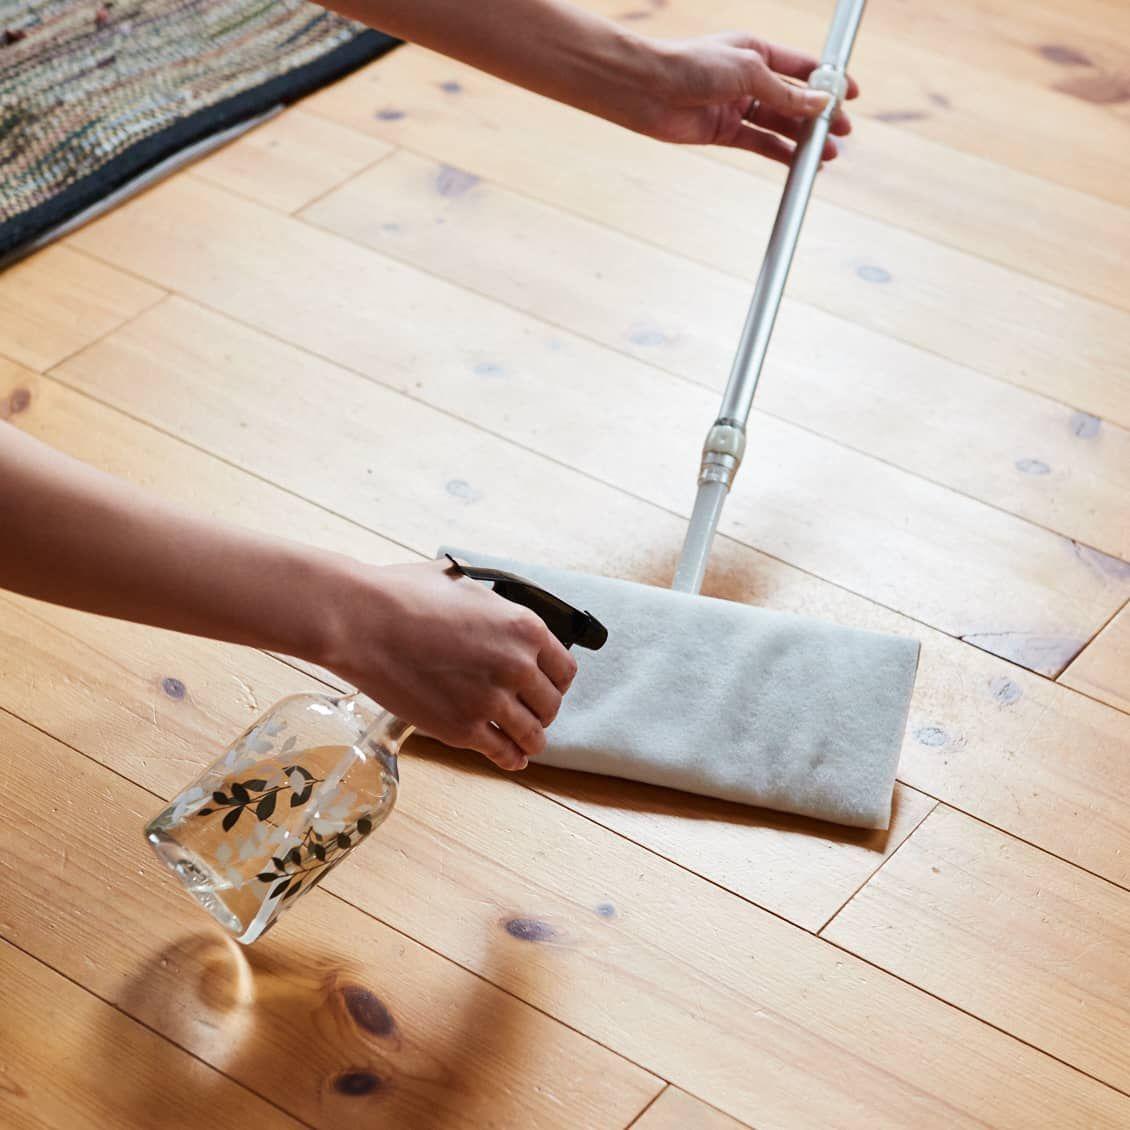 洗えないストレスとさよなら ラグやフローリングのすっきり掃除